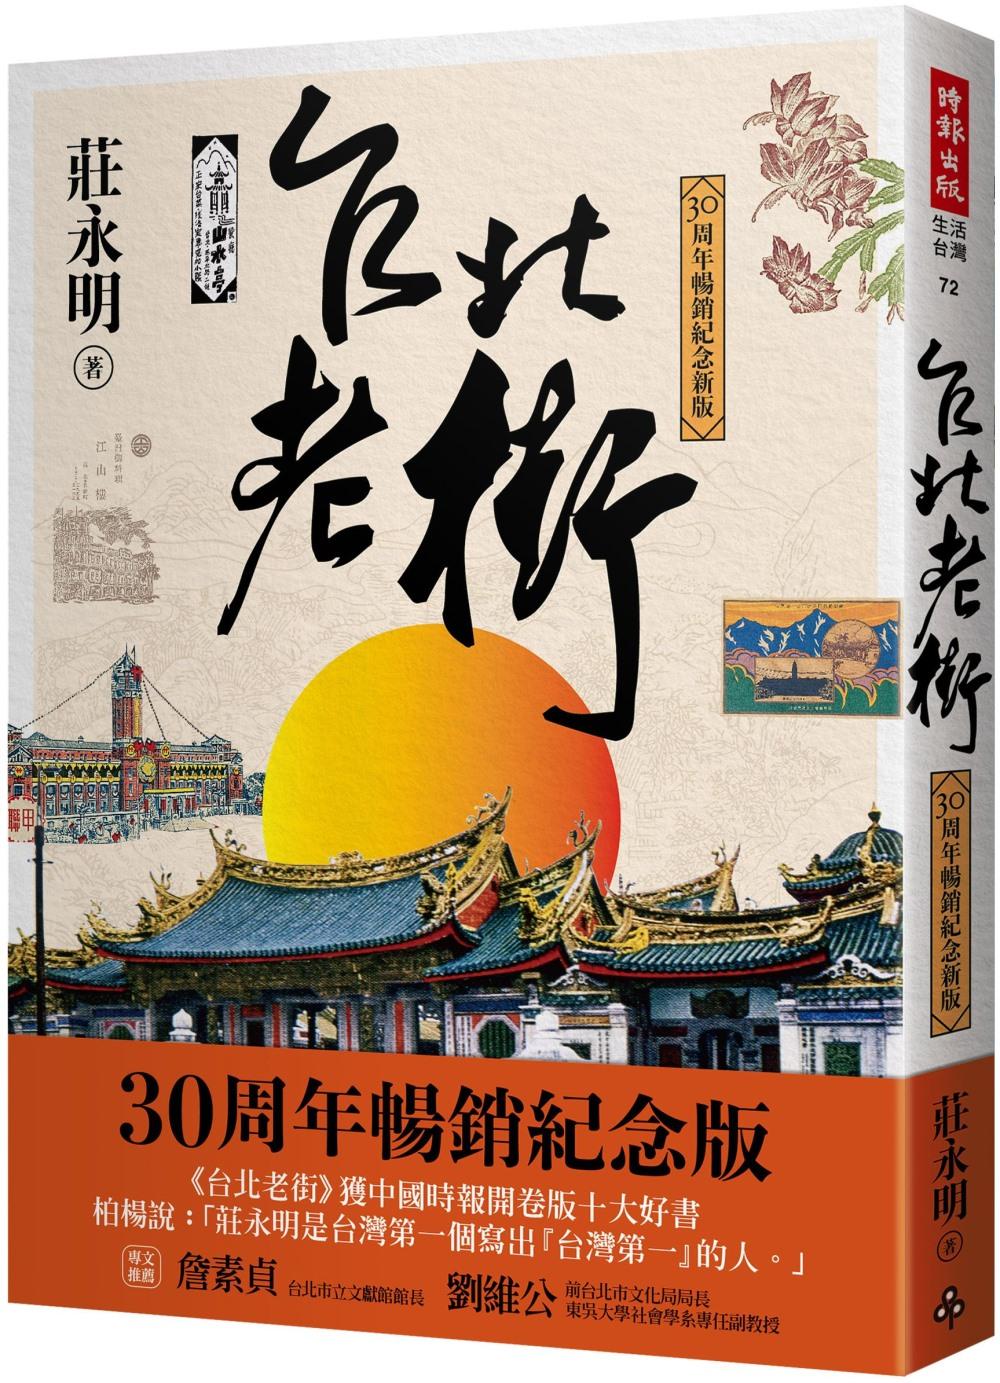 台北老街【30周年暢銷紀念新版...